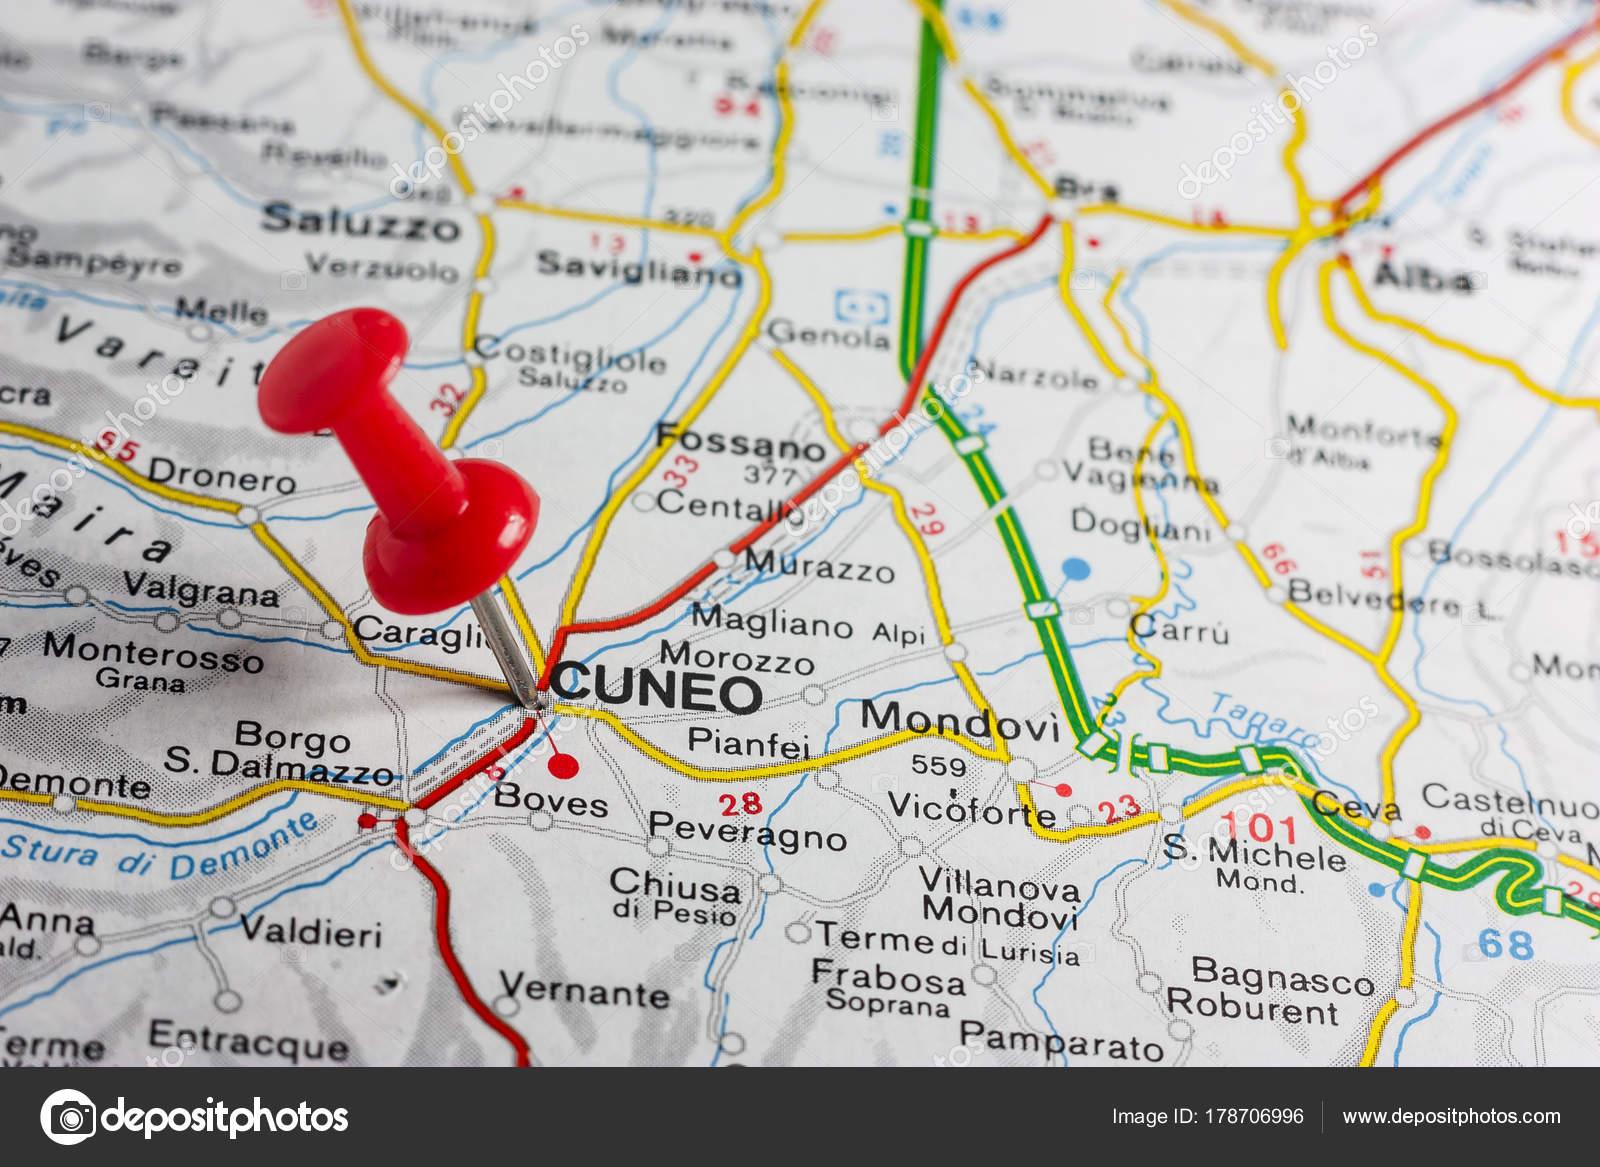 Cuneo a effectué le tombé sur une carte de l'Italie — Photographie